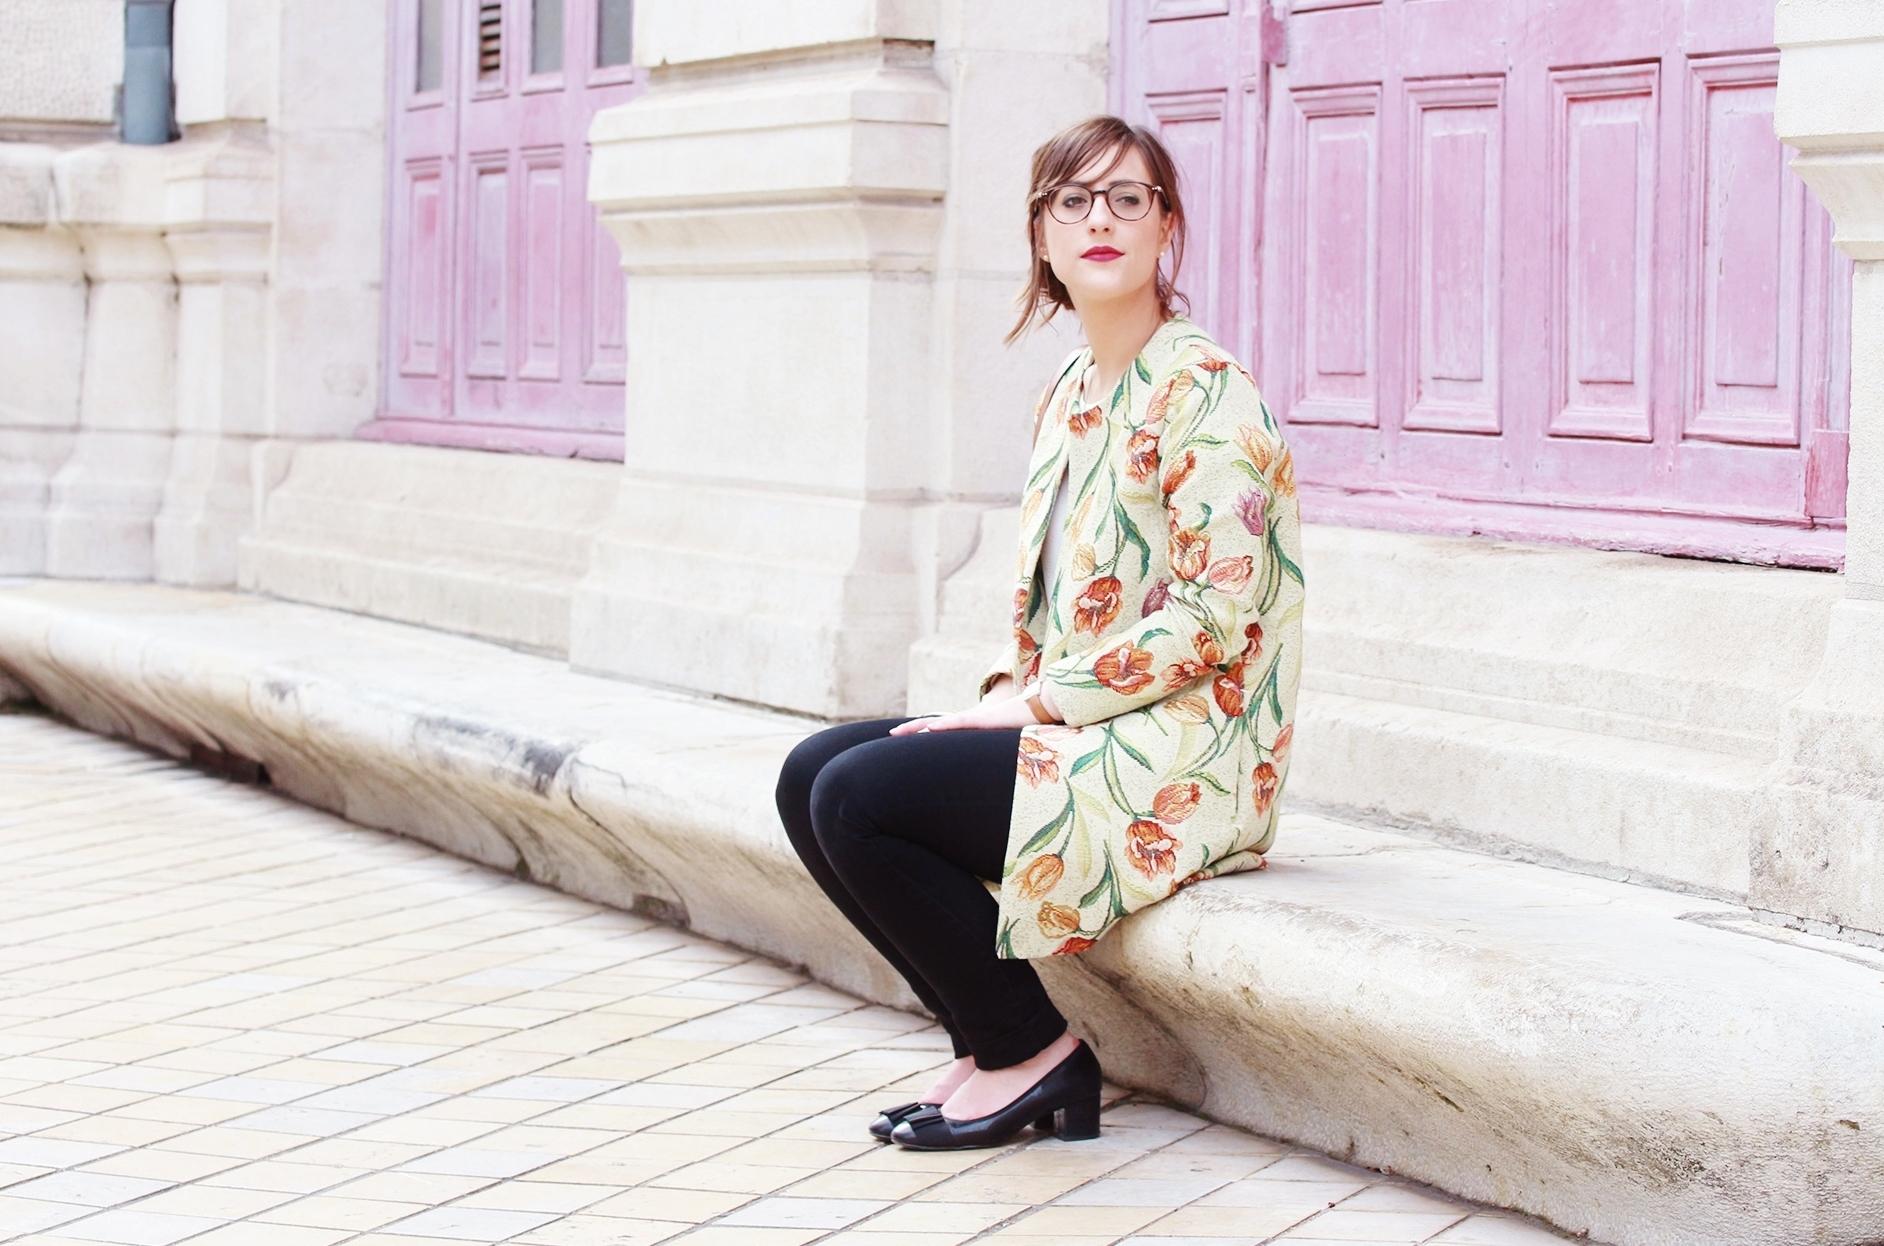 Huguette Paillettes - Couture - Veste Vintage Flowers (1)